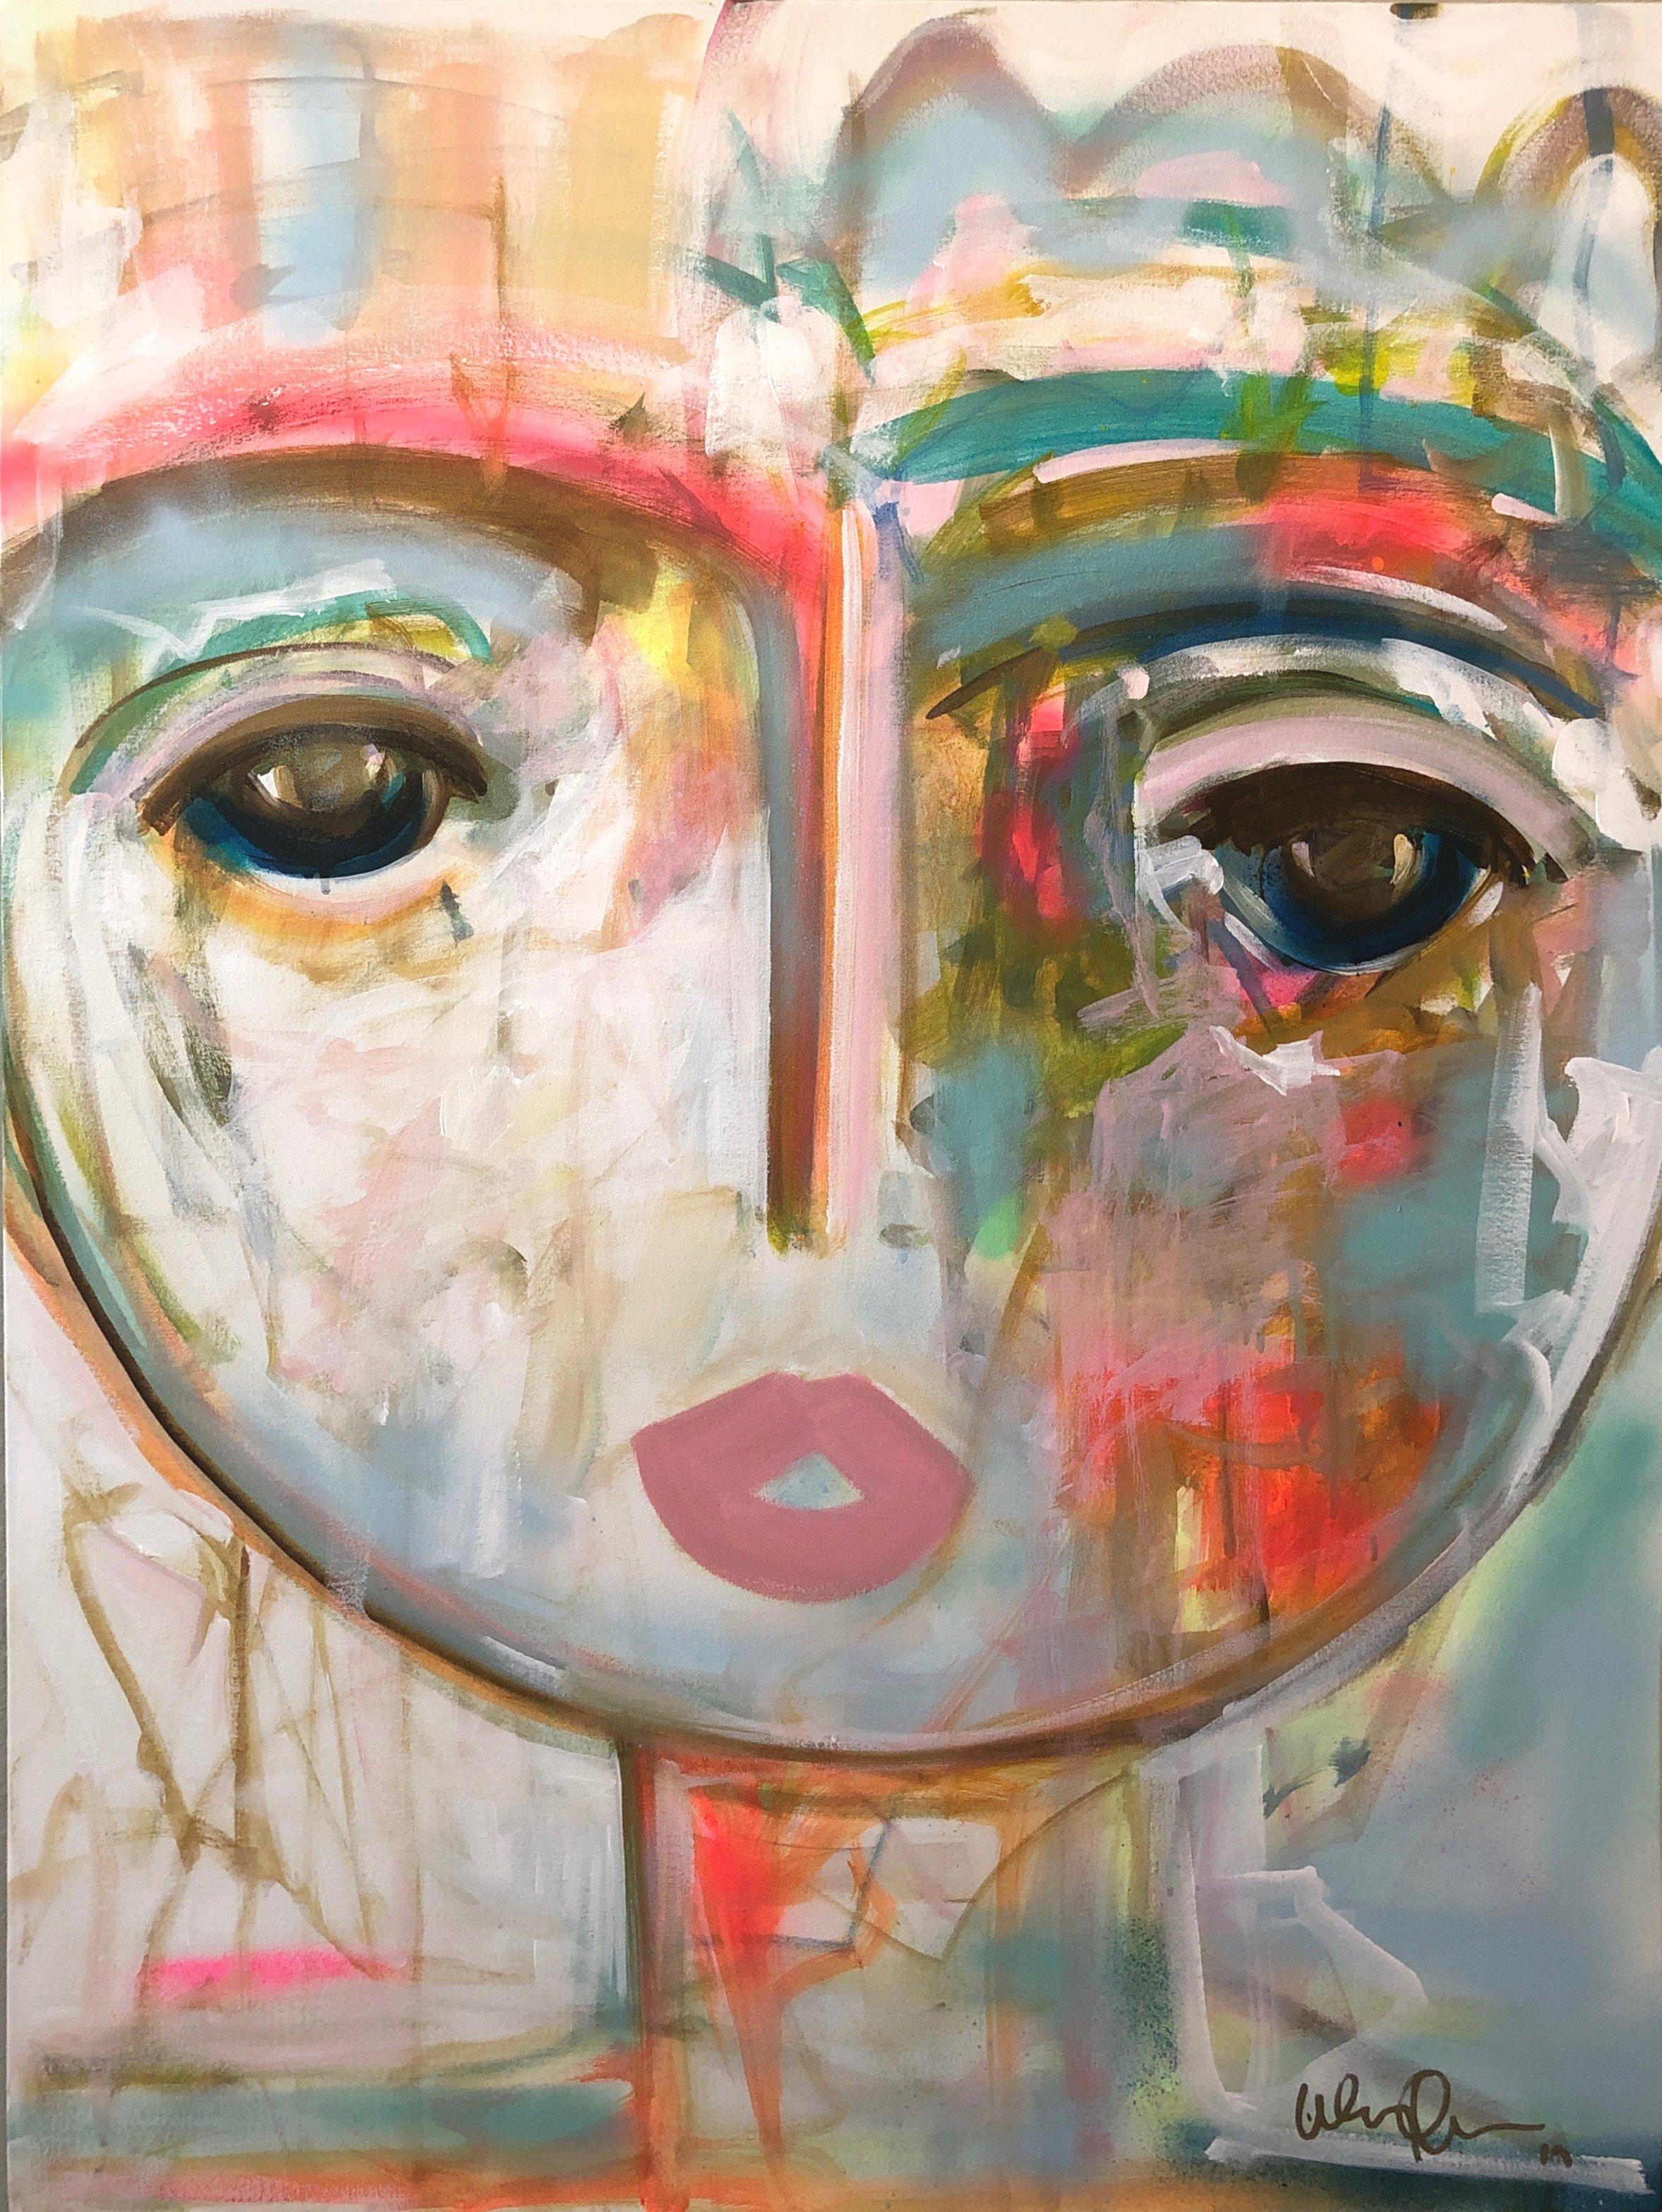 ARTIST WINDY O'CONNOR